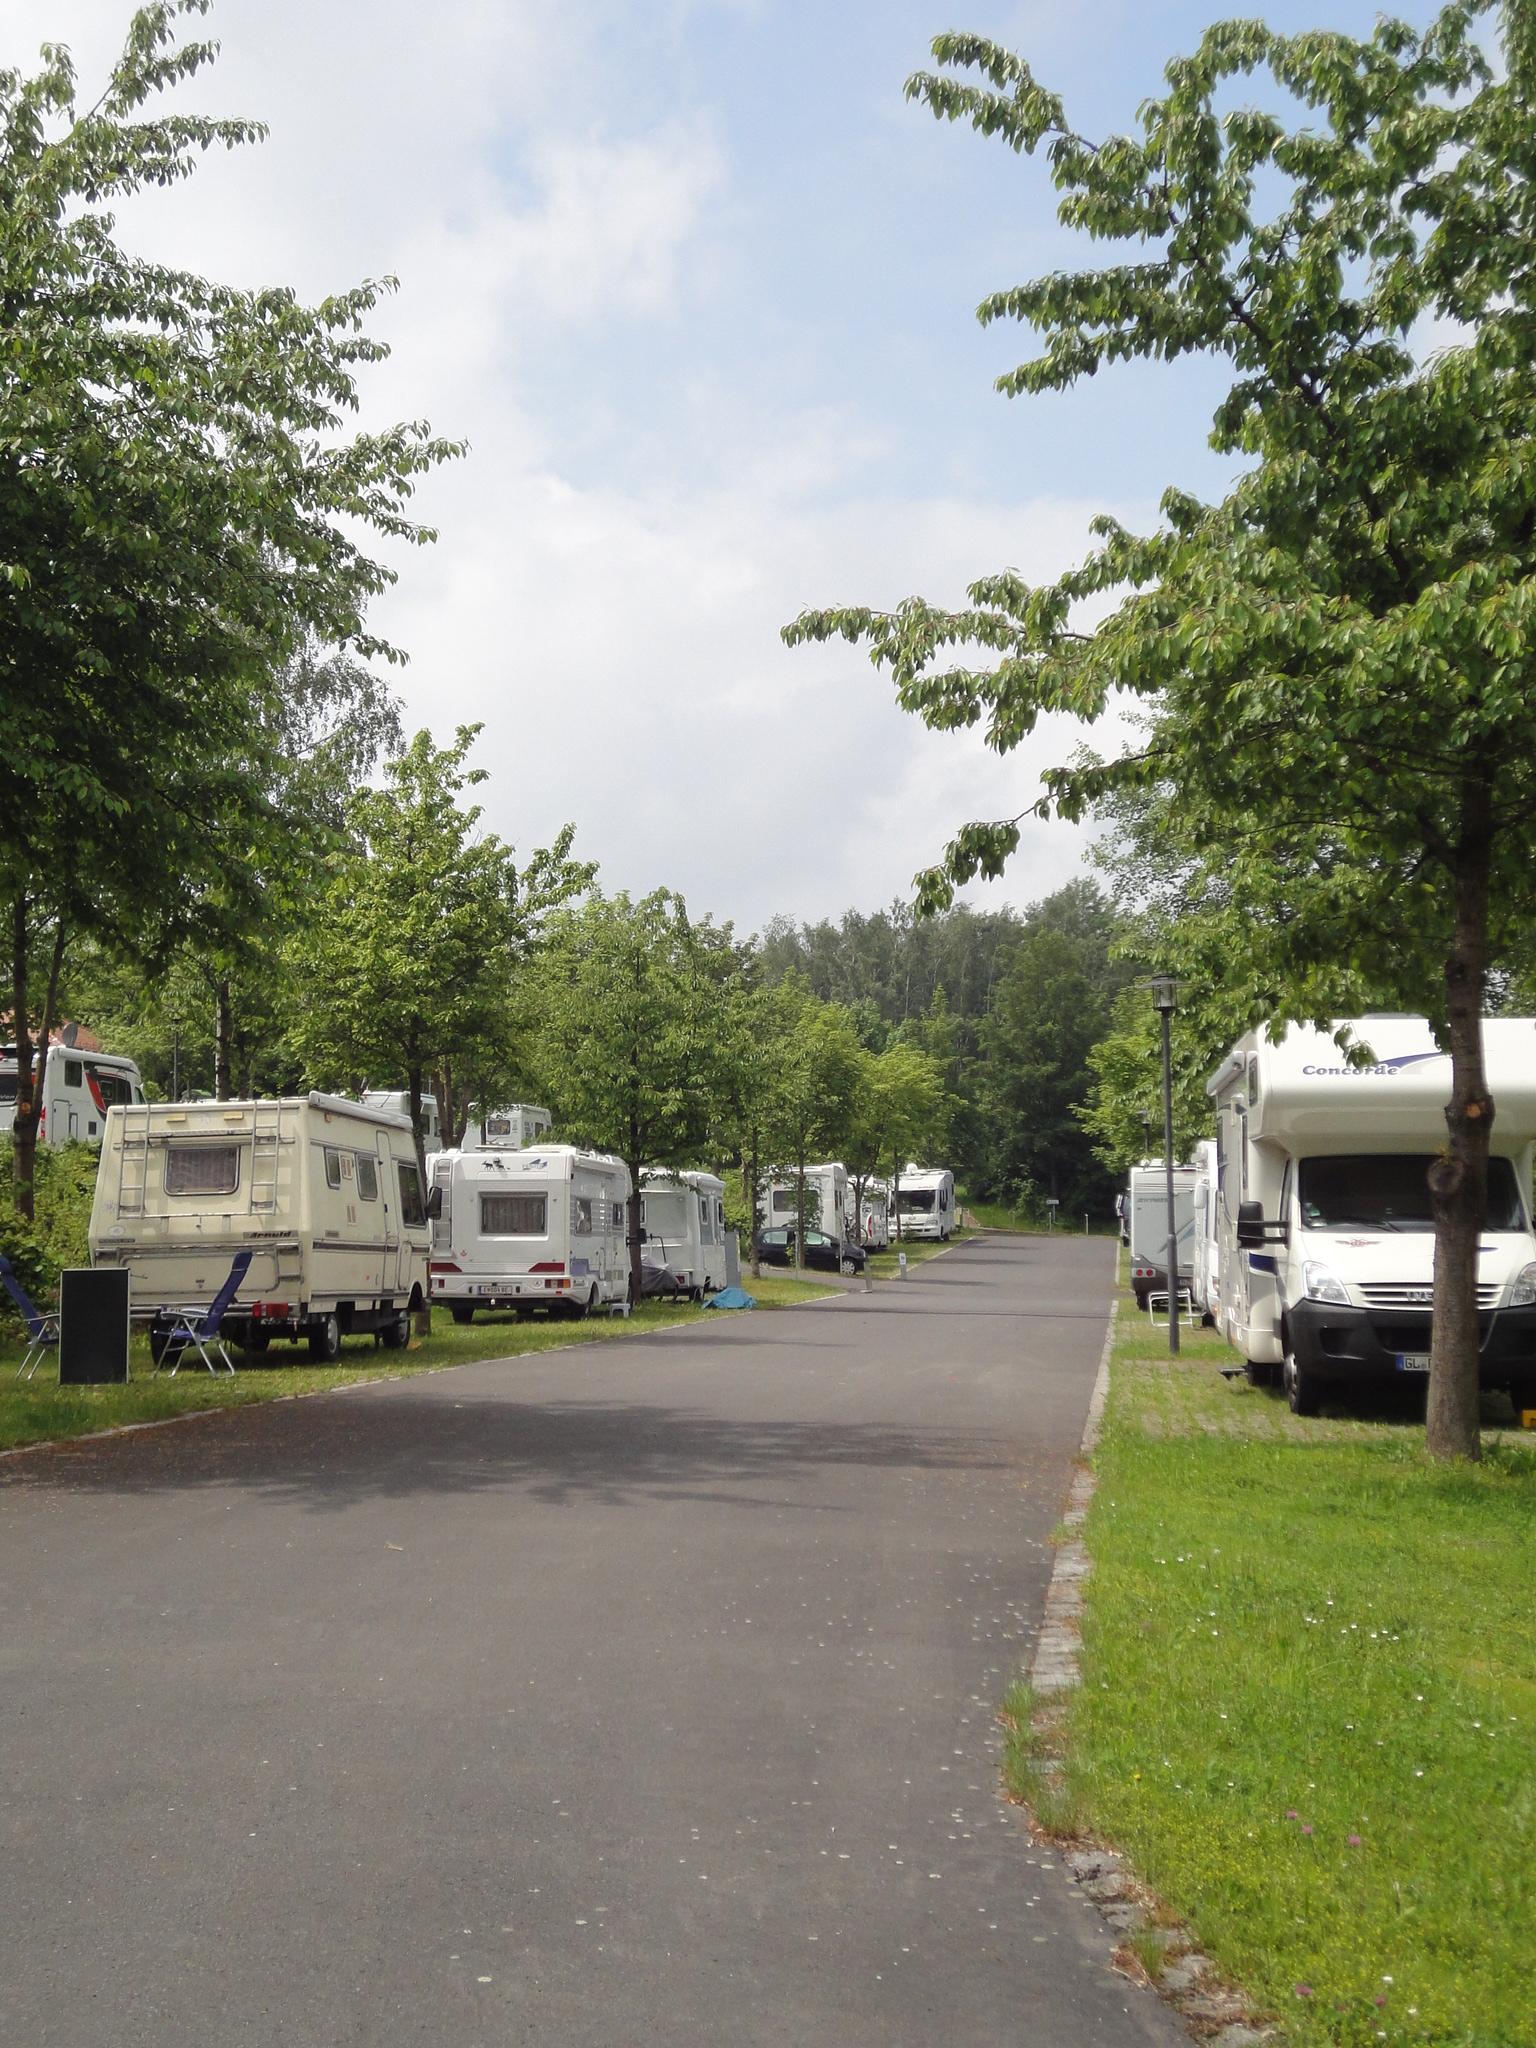 Emplacement - Reisemobilhafen Sibyllenbad - Campingplatz Platzermühle